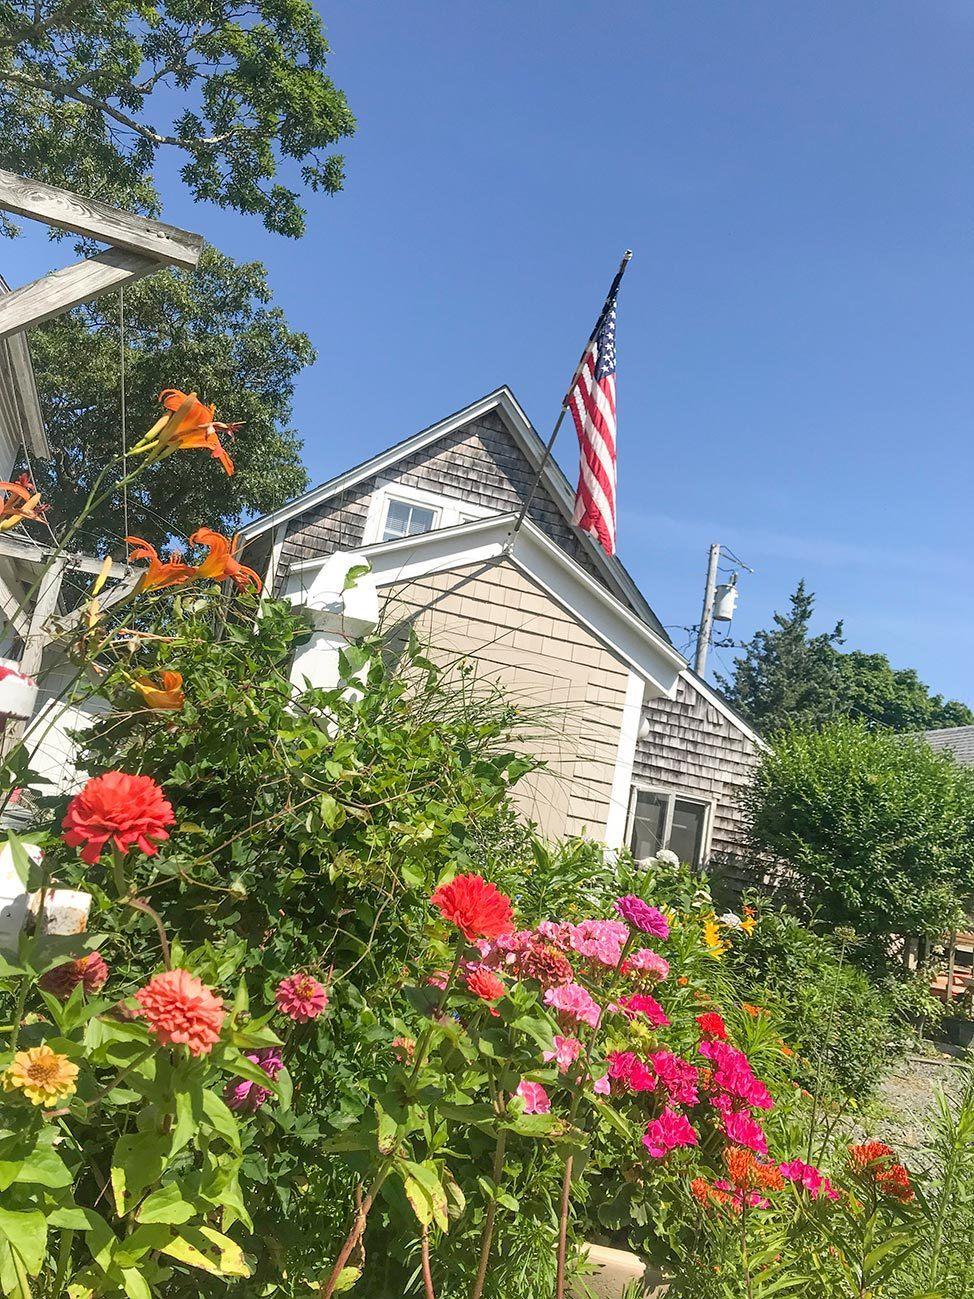 Summer in Martha's Vineyard